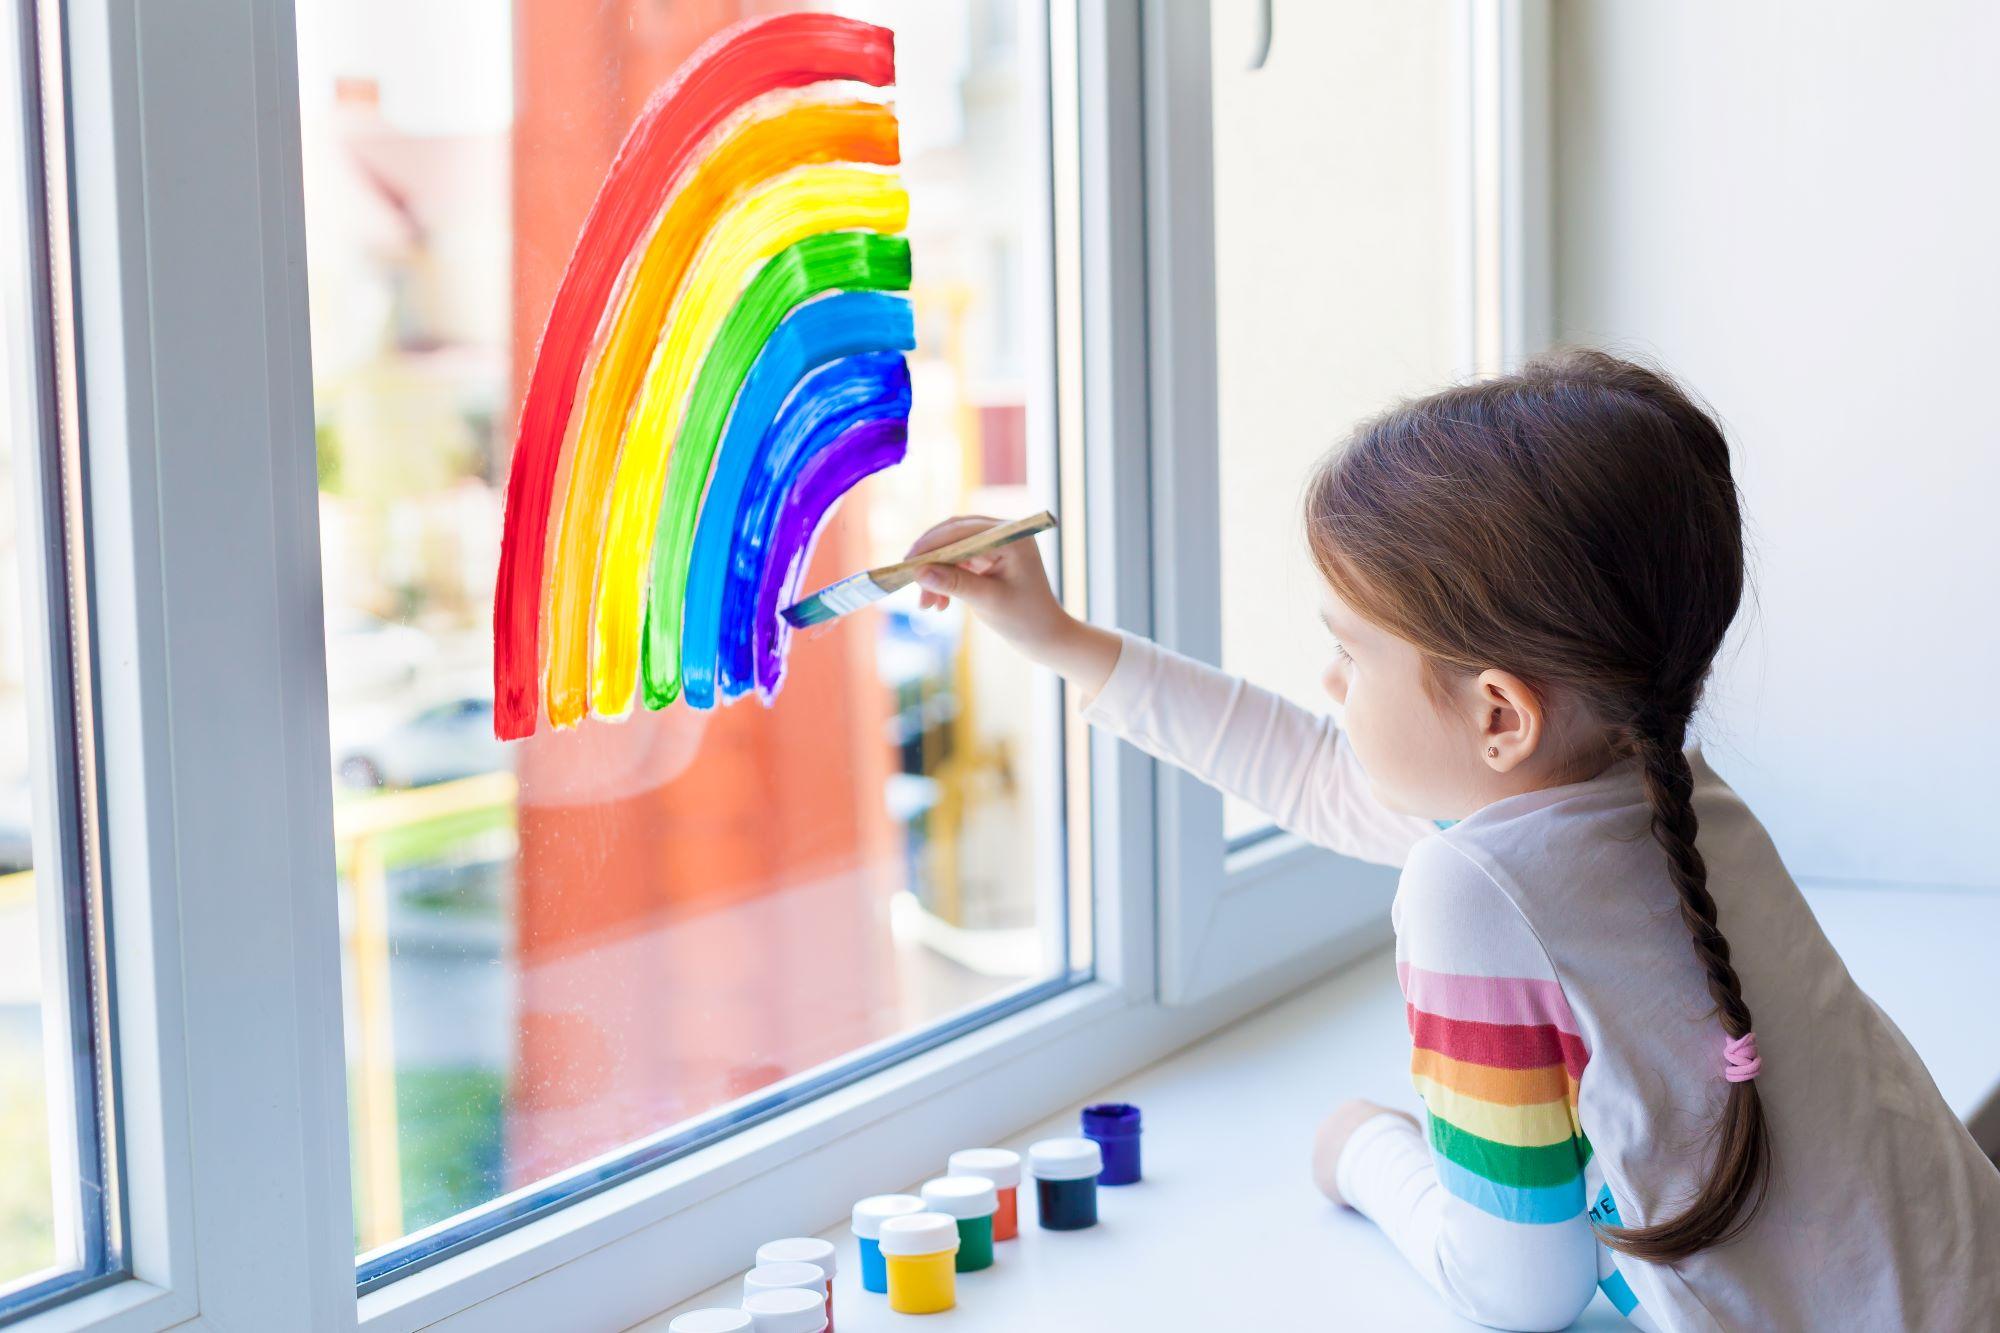 A little girl paints a rainbow on a window